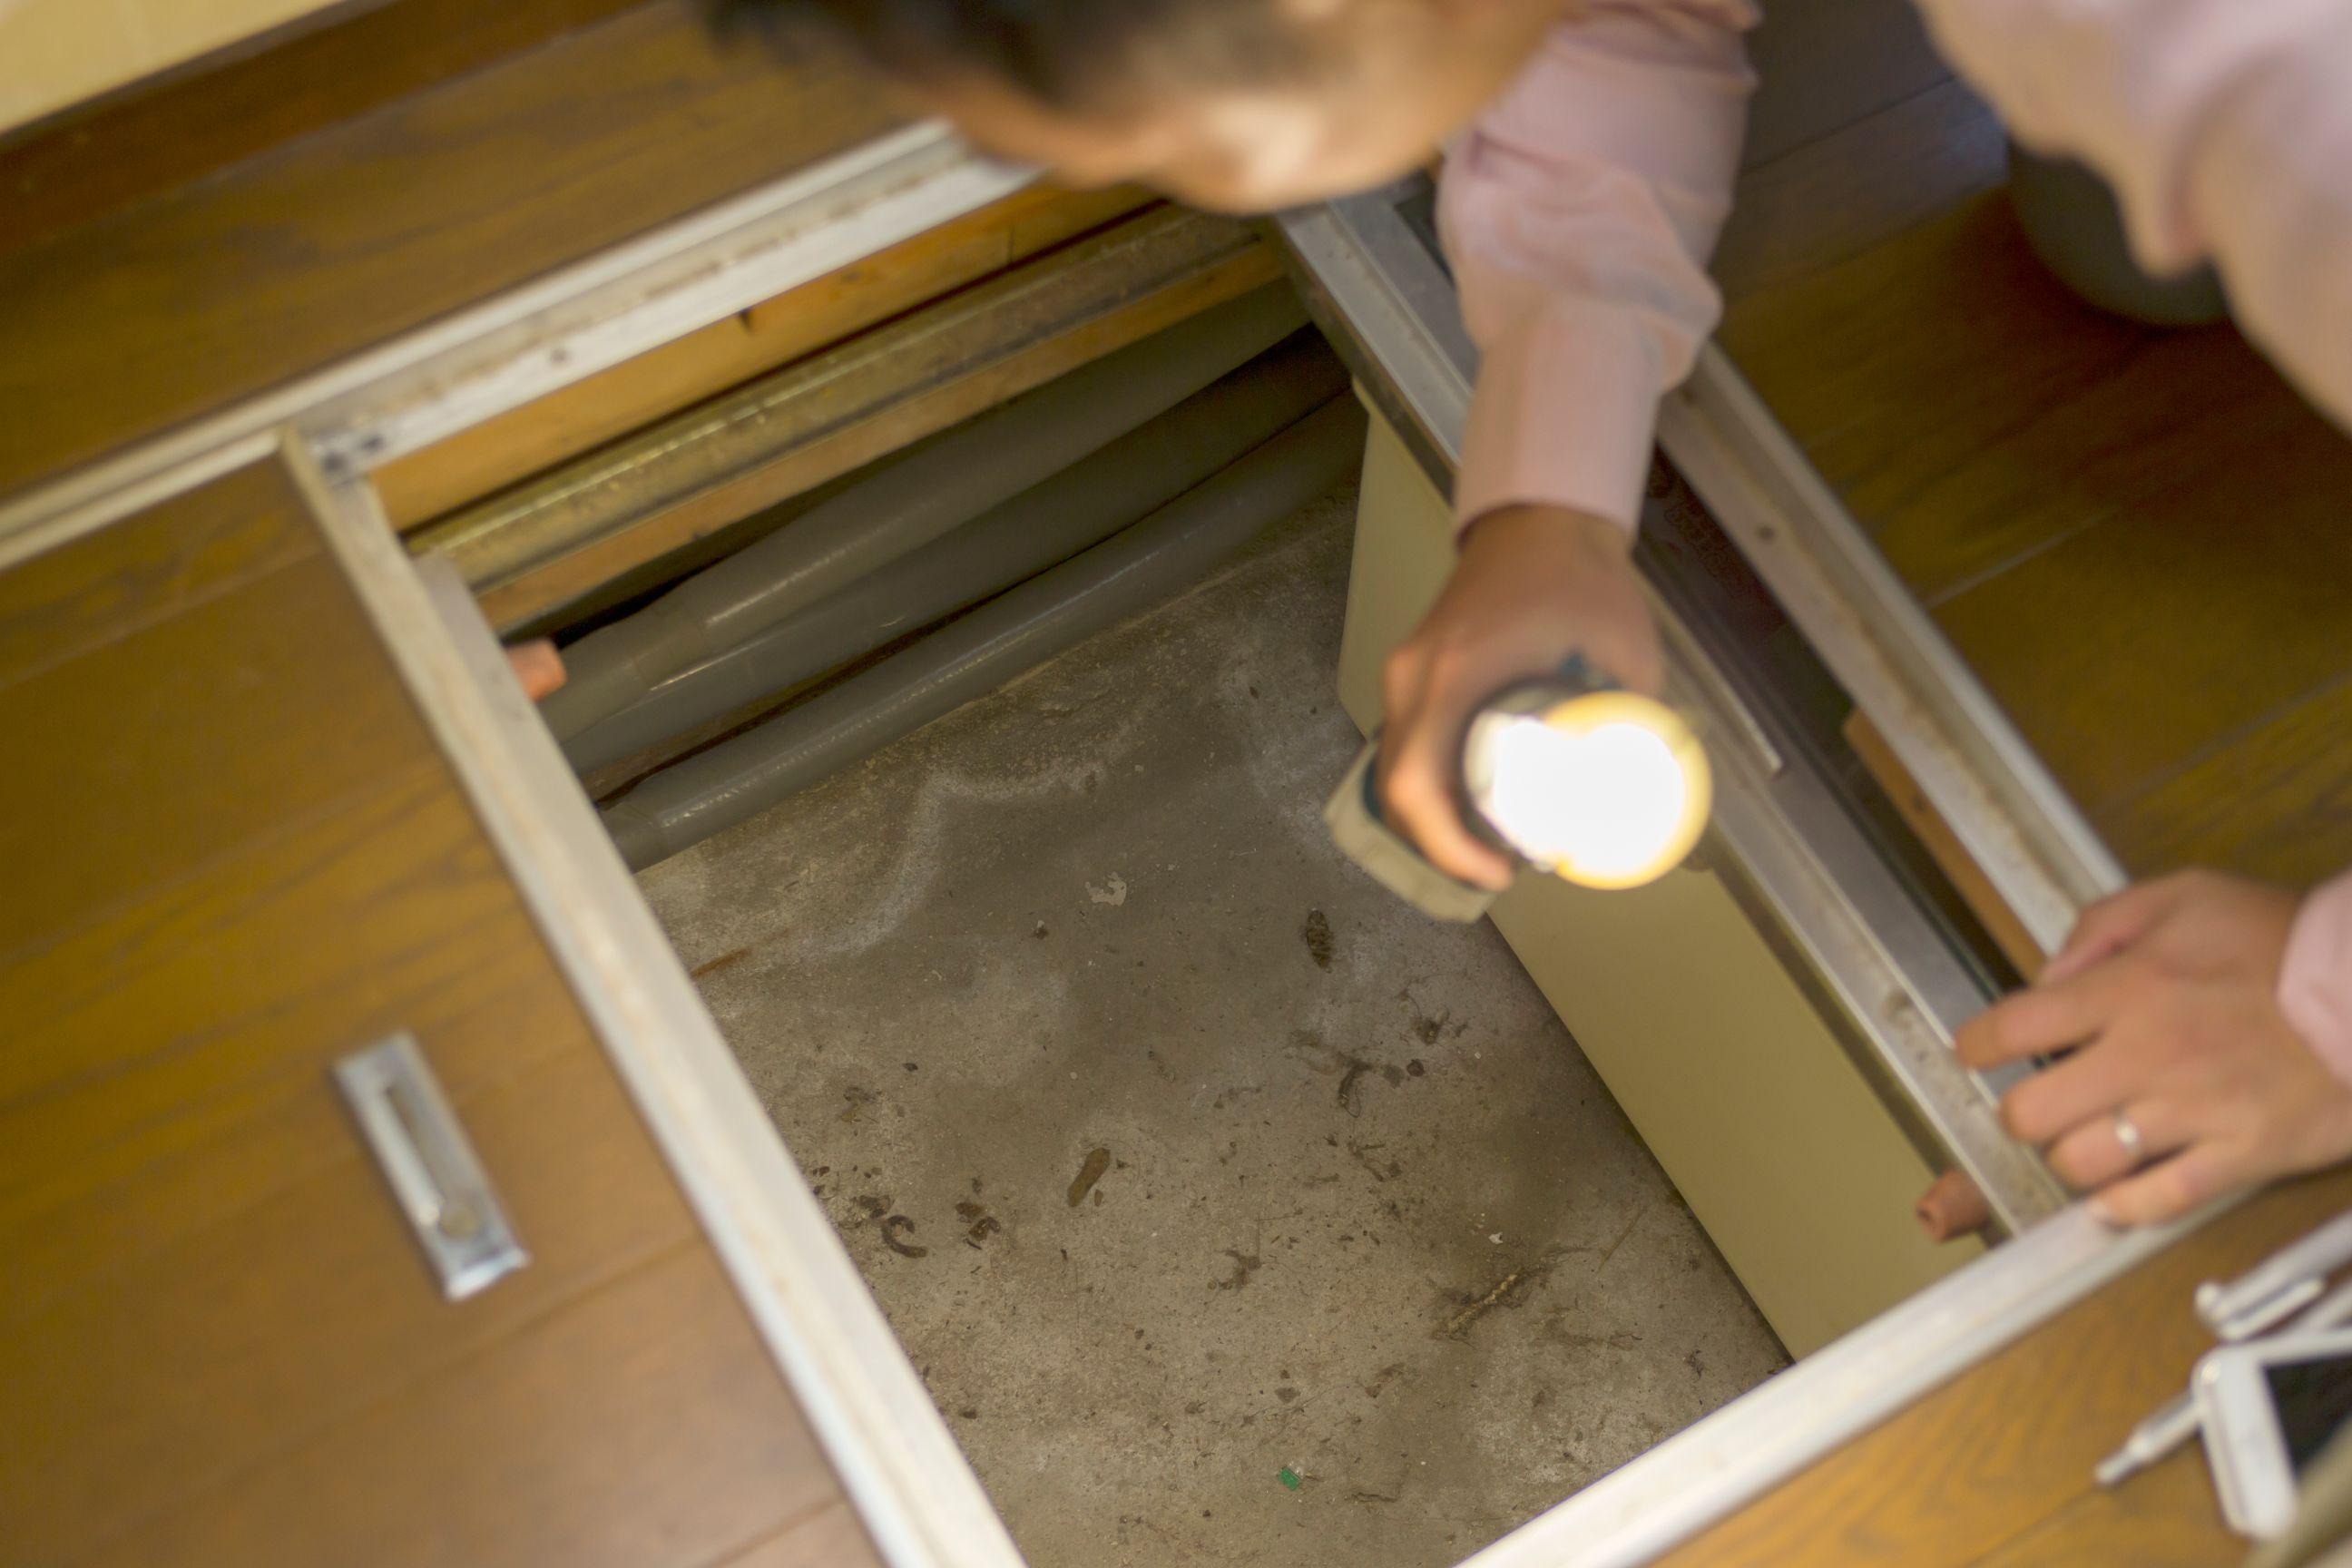 床下を確認している写真